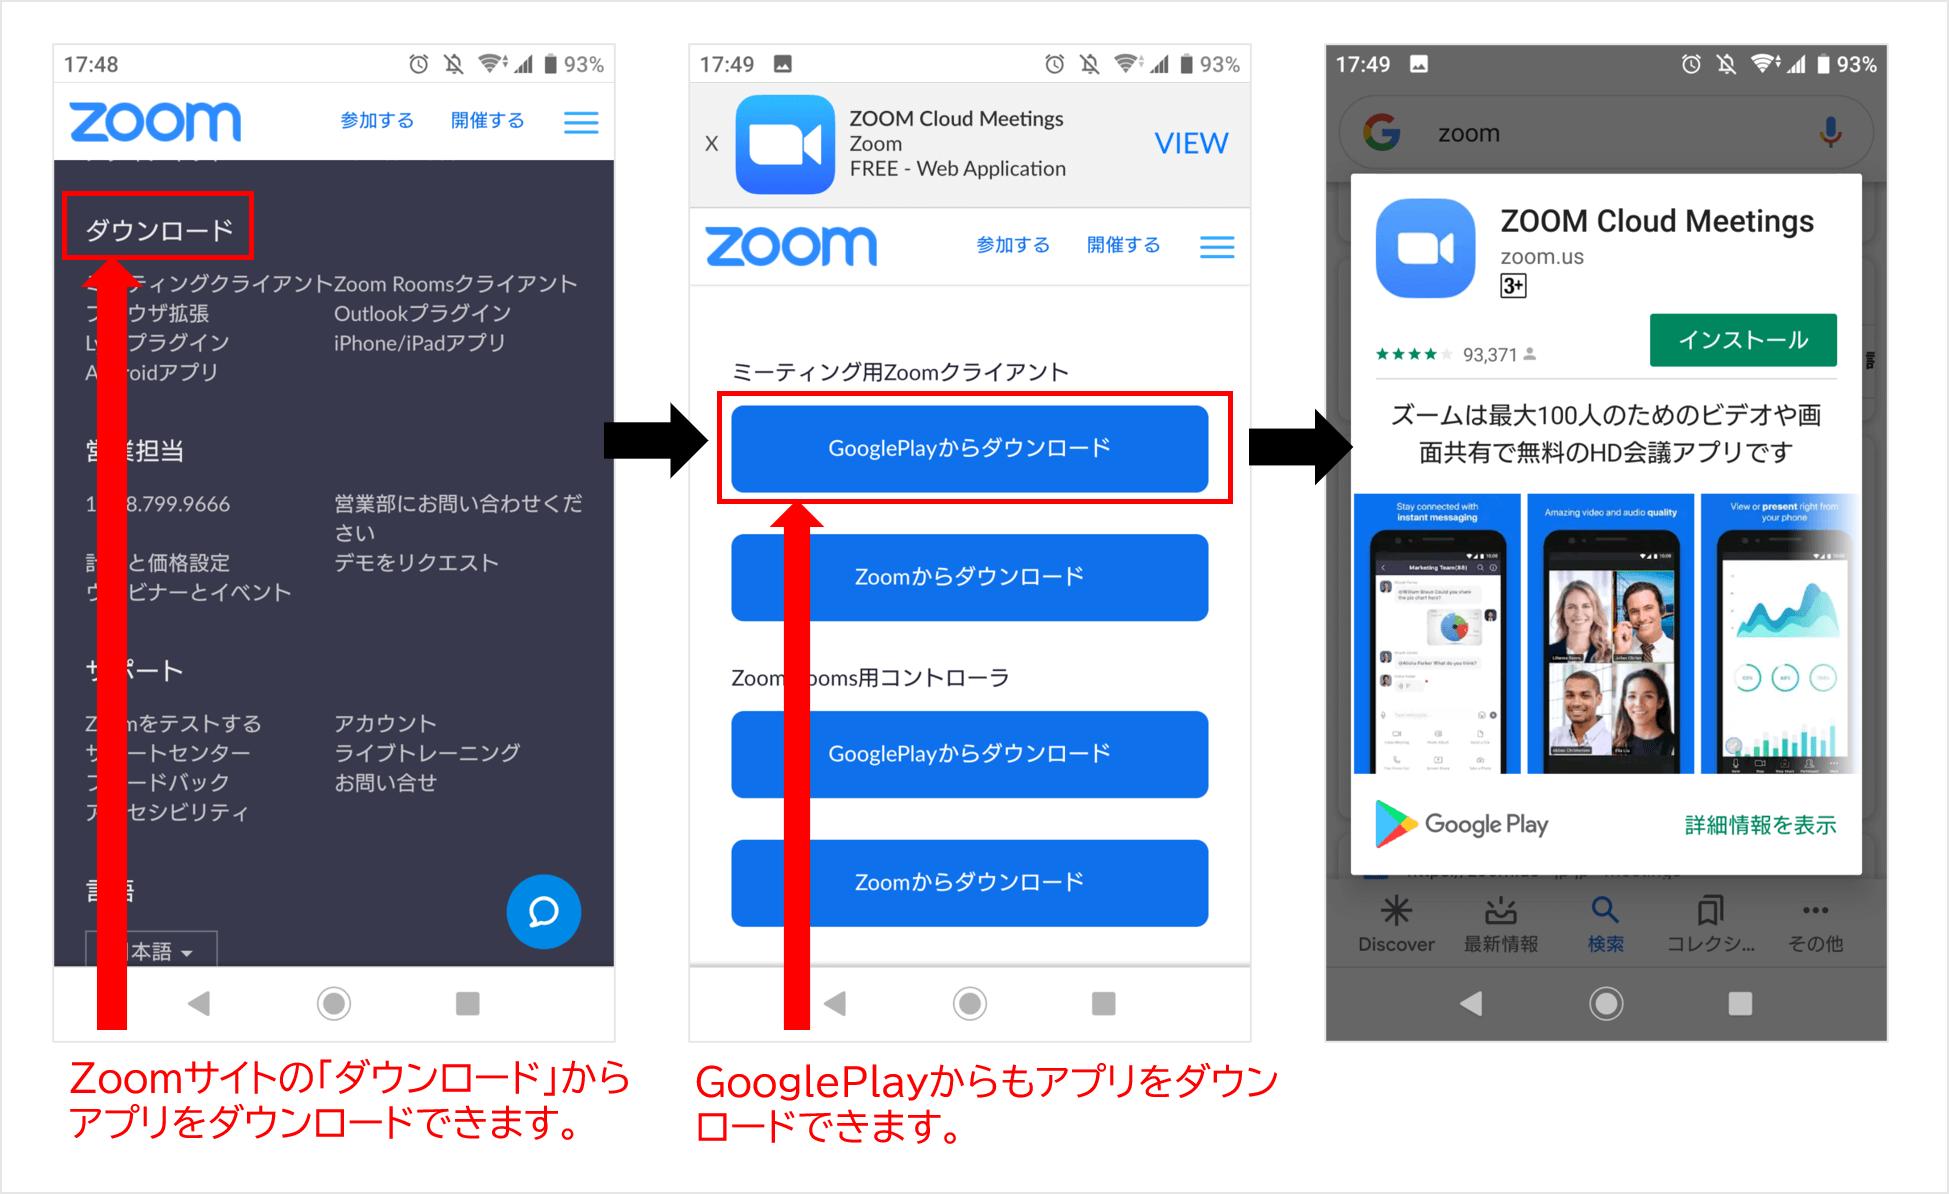 zoom アプリ ダウンロード pc